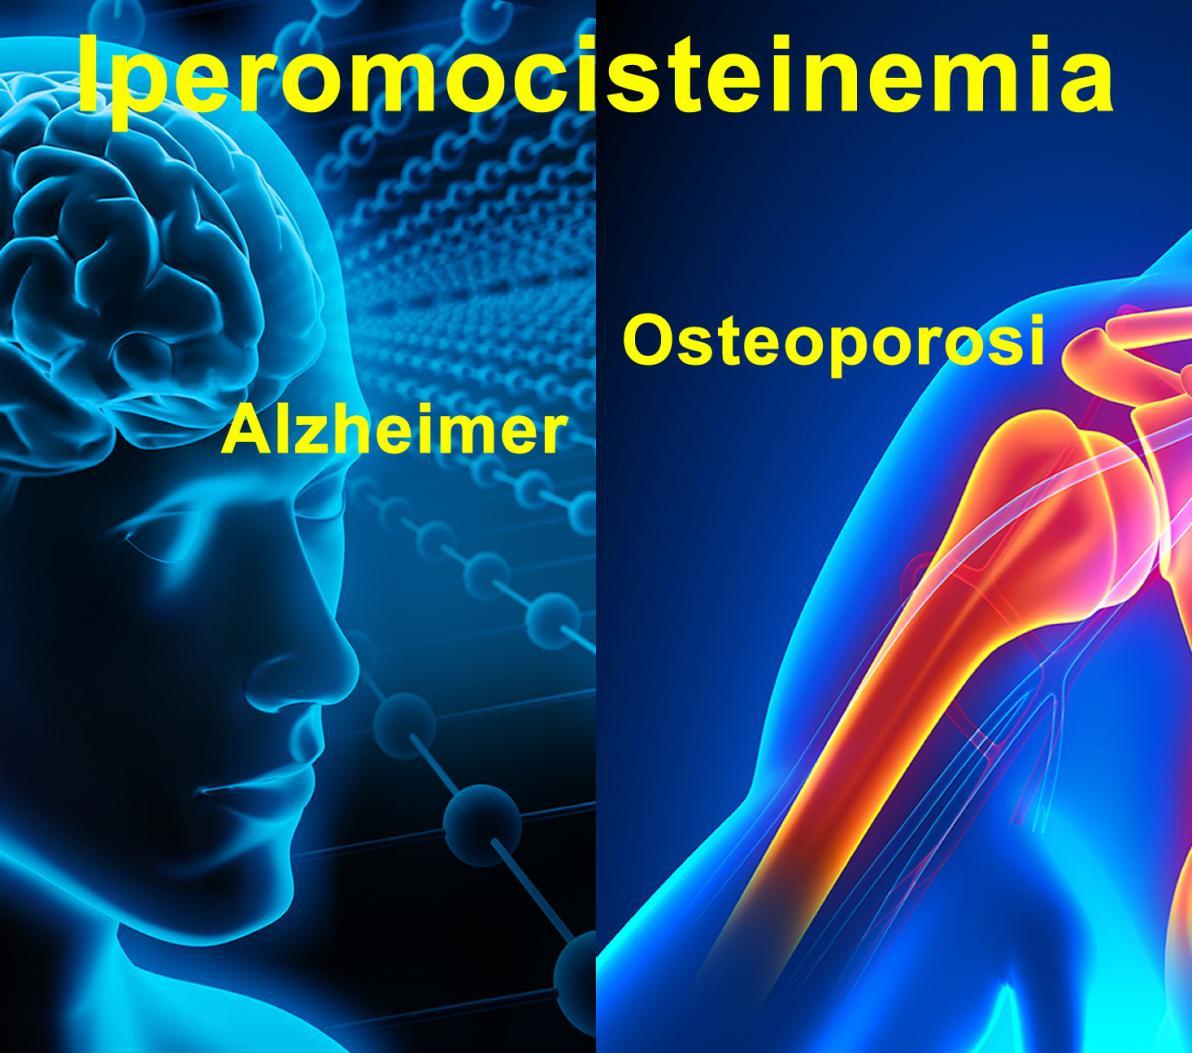 Omocisteina: Malattie Psichiatriche e dello Scheletro